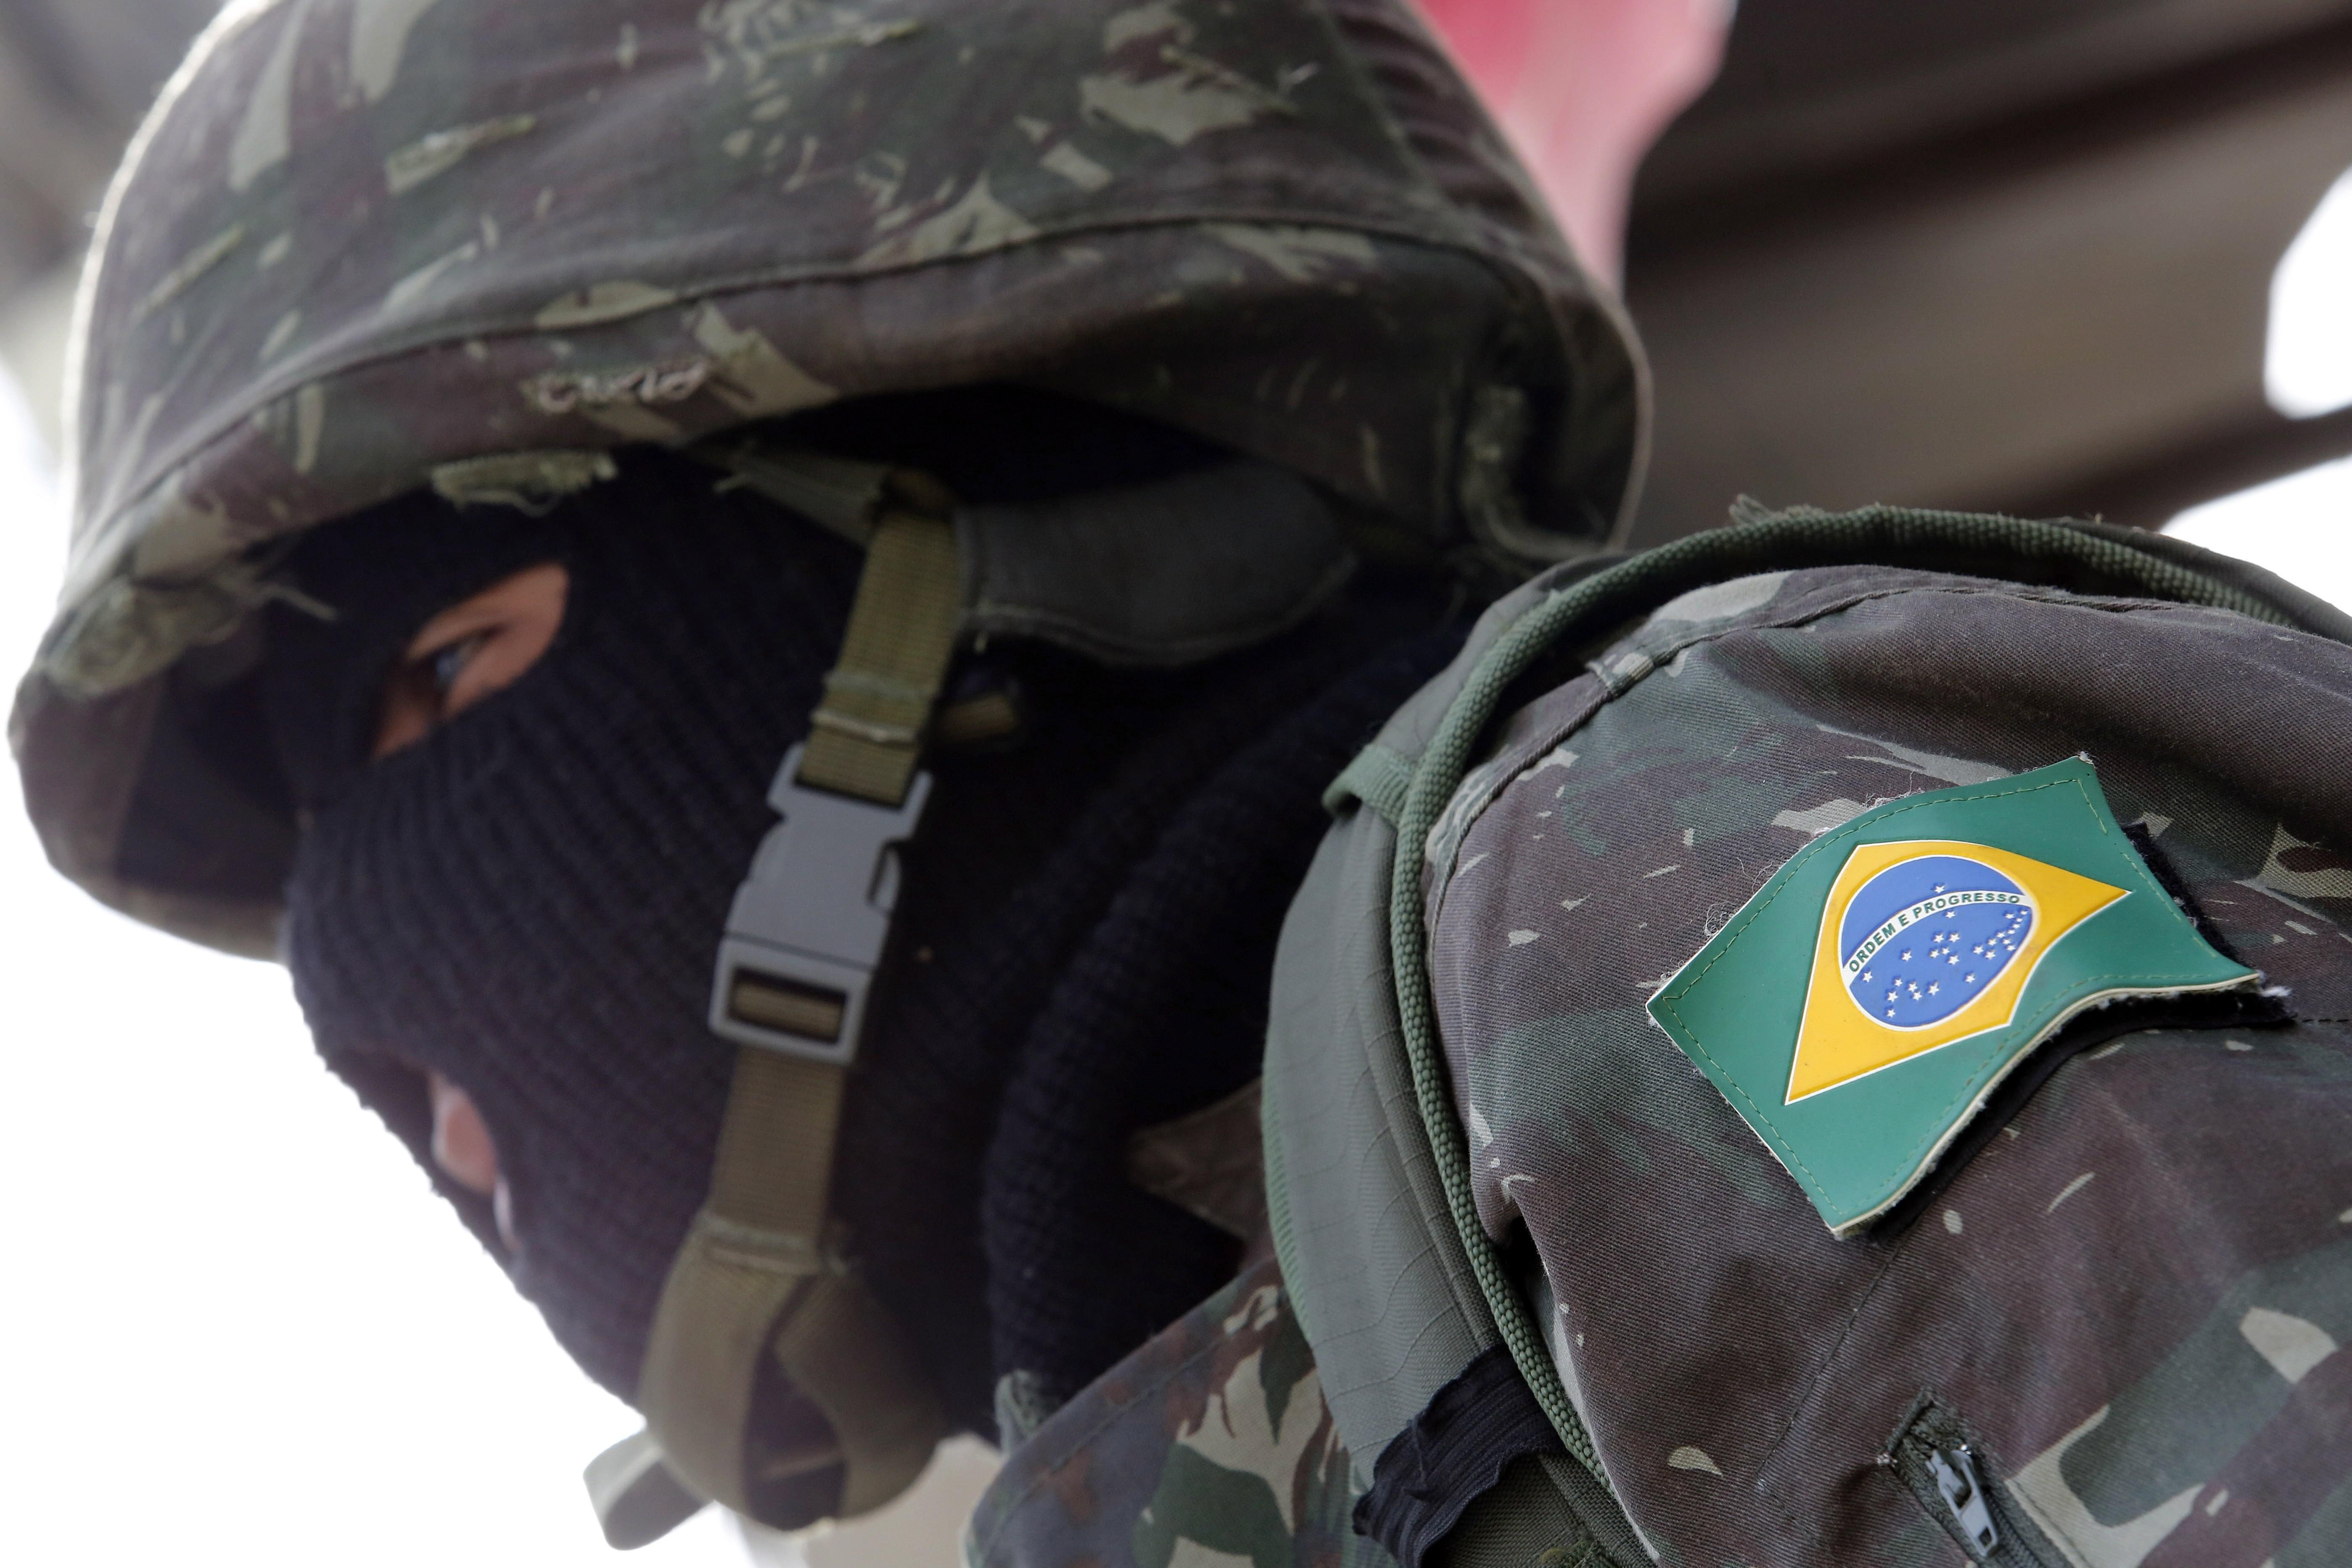 Soldado participa de operação na Maré, zona Norte do Rio, em dezembro